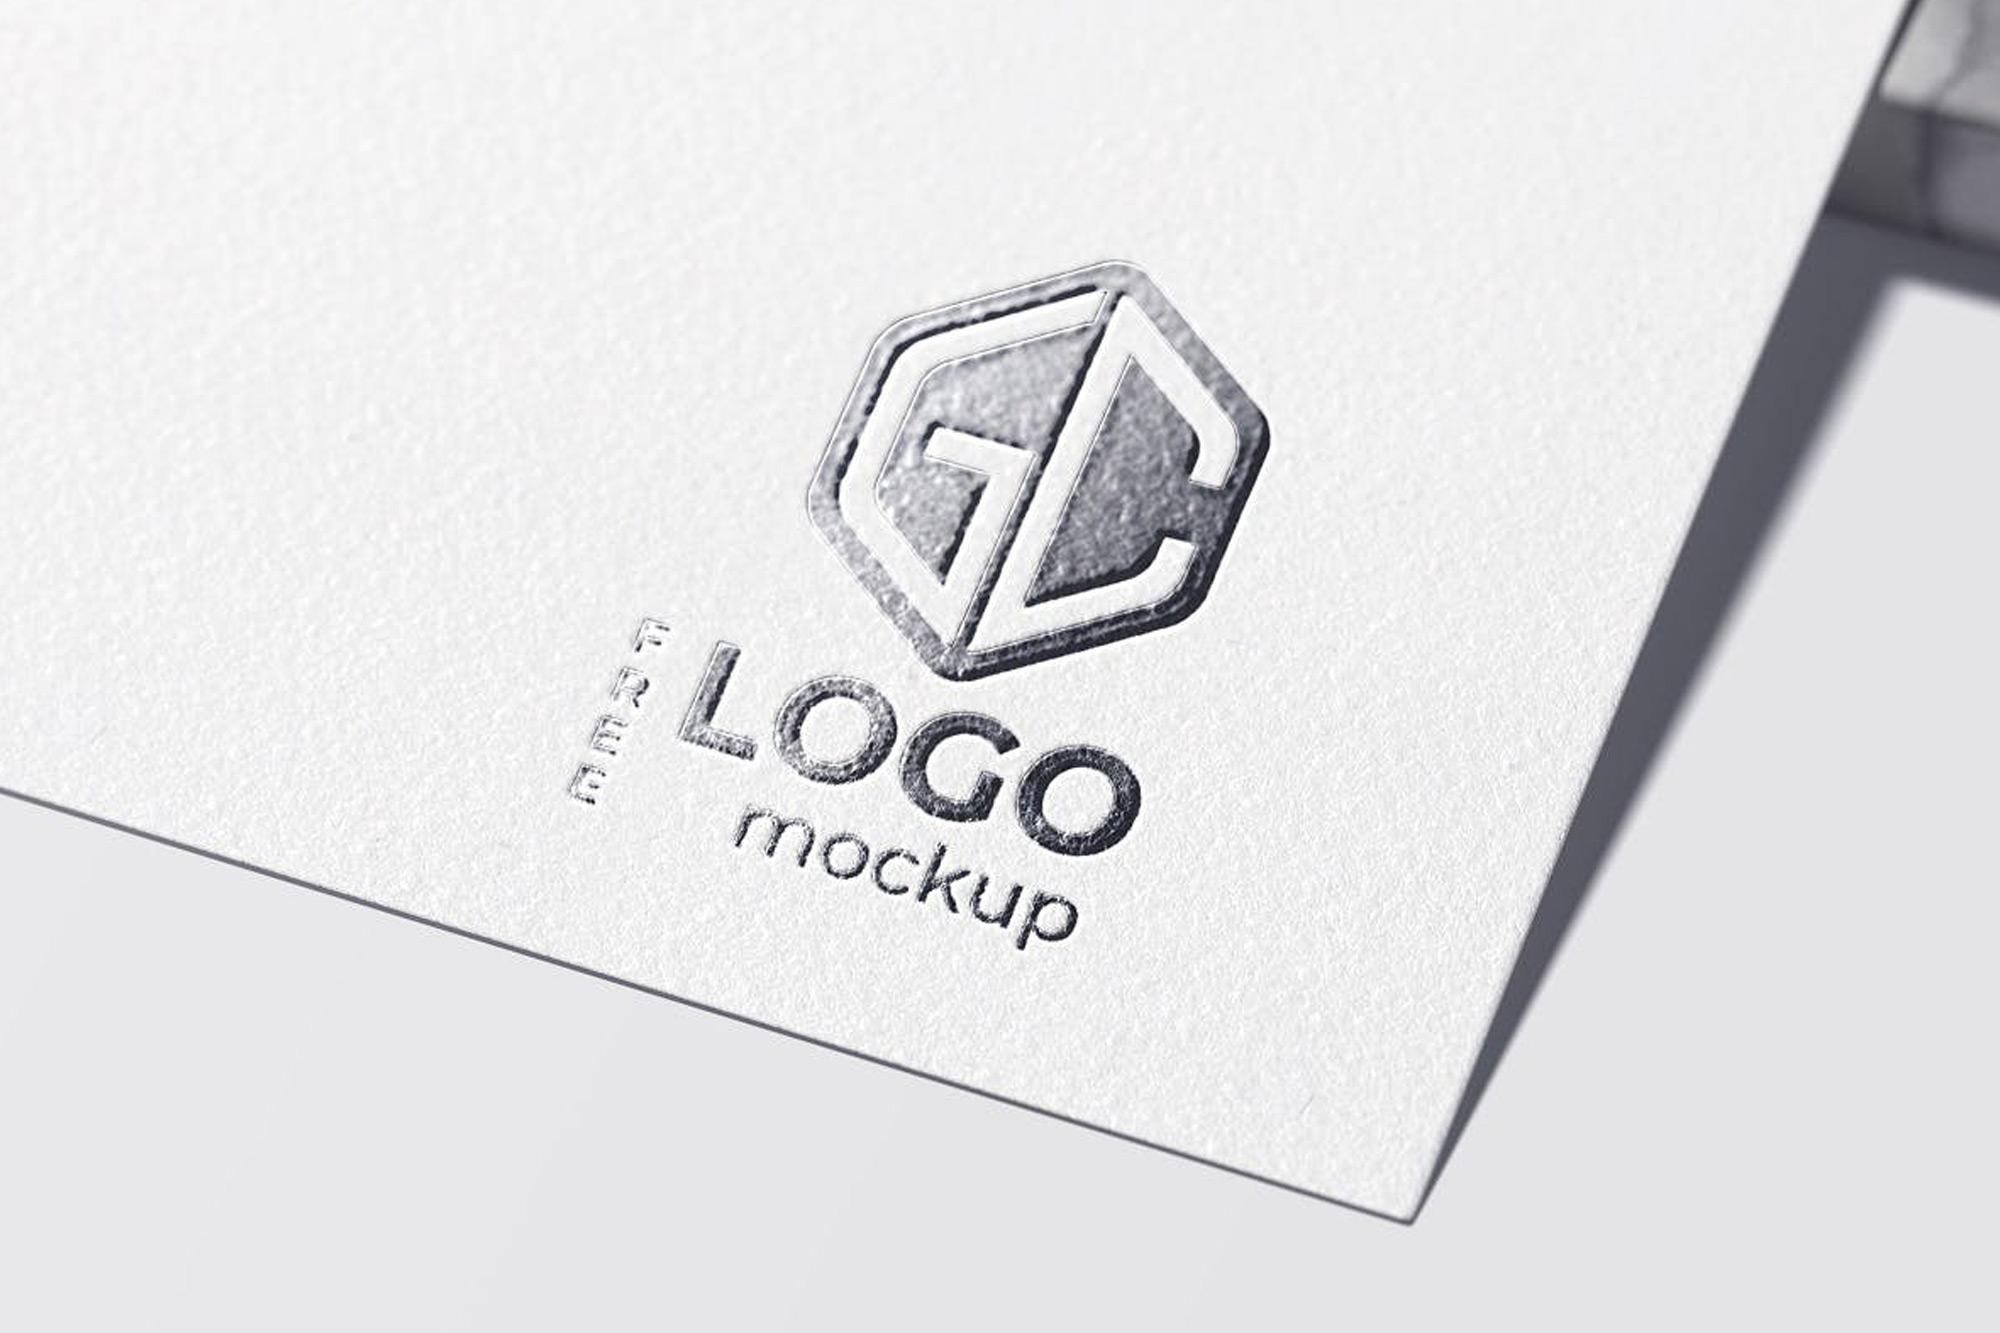 Mockup gratis de logotipo estampado en foil o papel plata aluminio. Recurso perfecto para diseñadores gráficos.